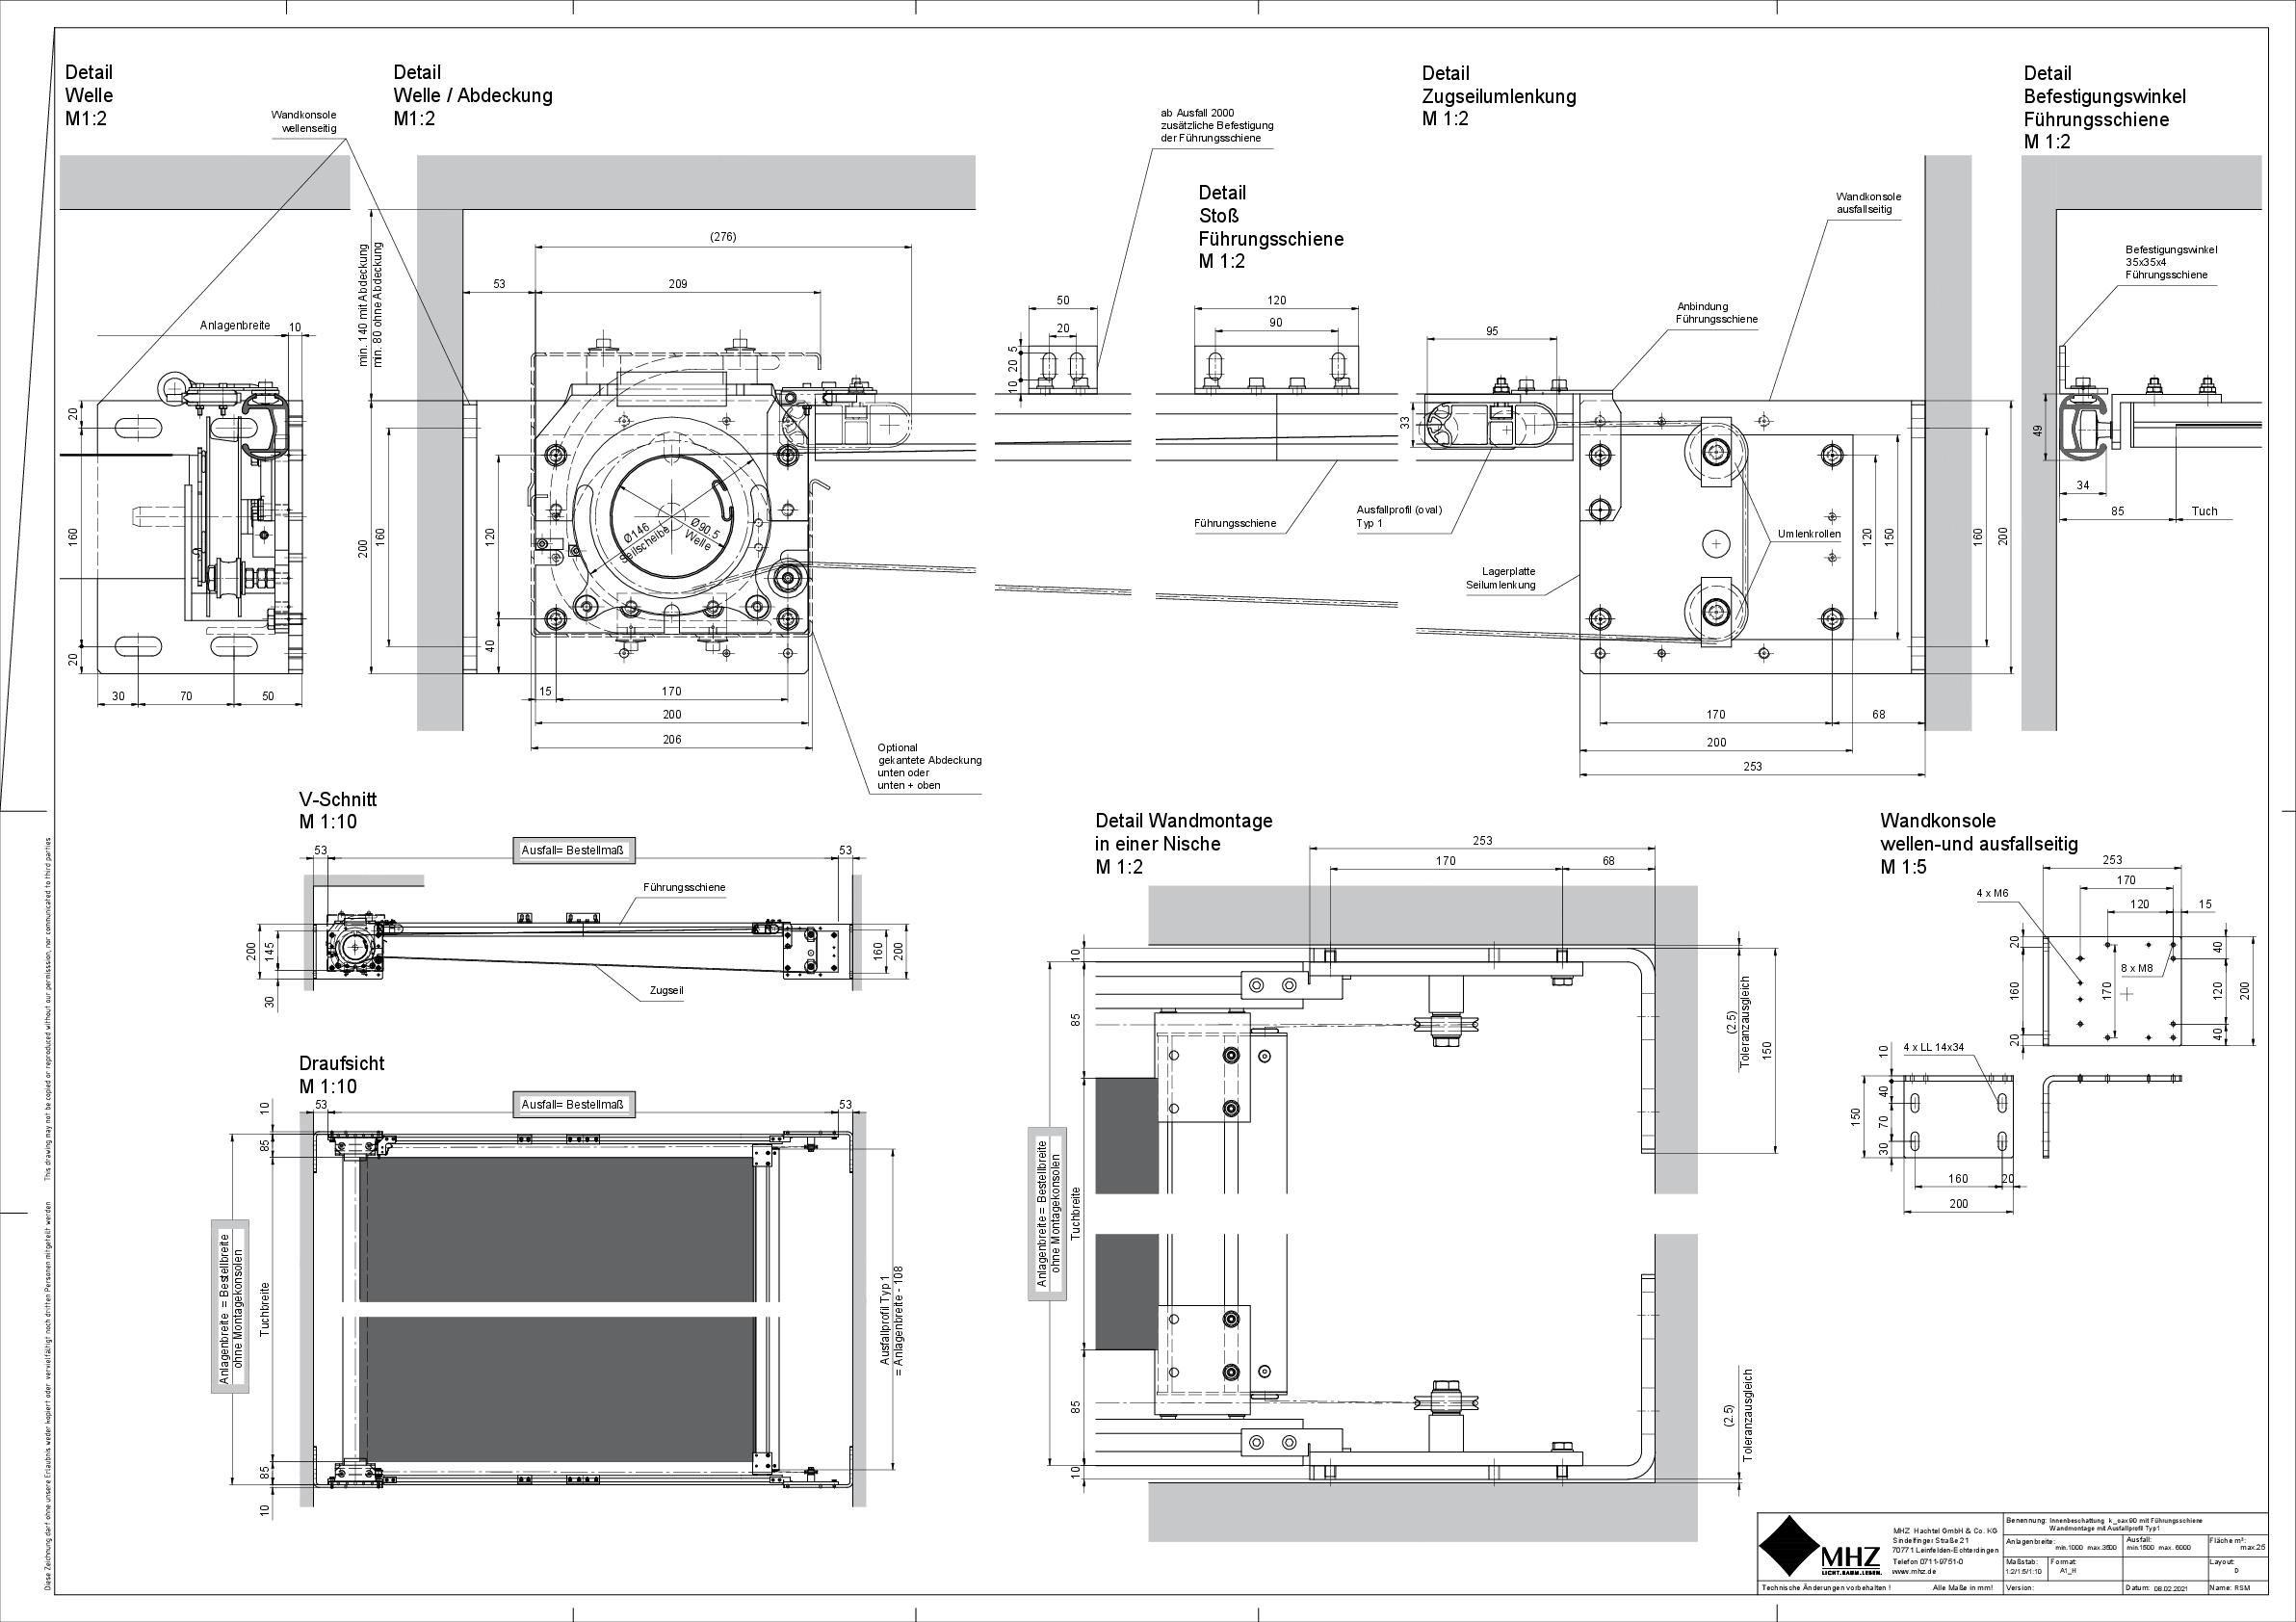 Technische Zeichnung Beschattung k_oax 90 Führungsschiene (dwg)